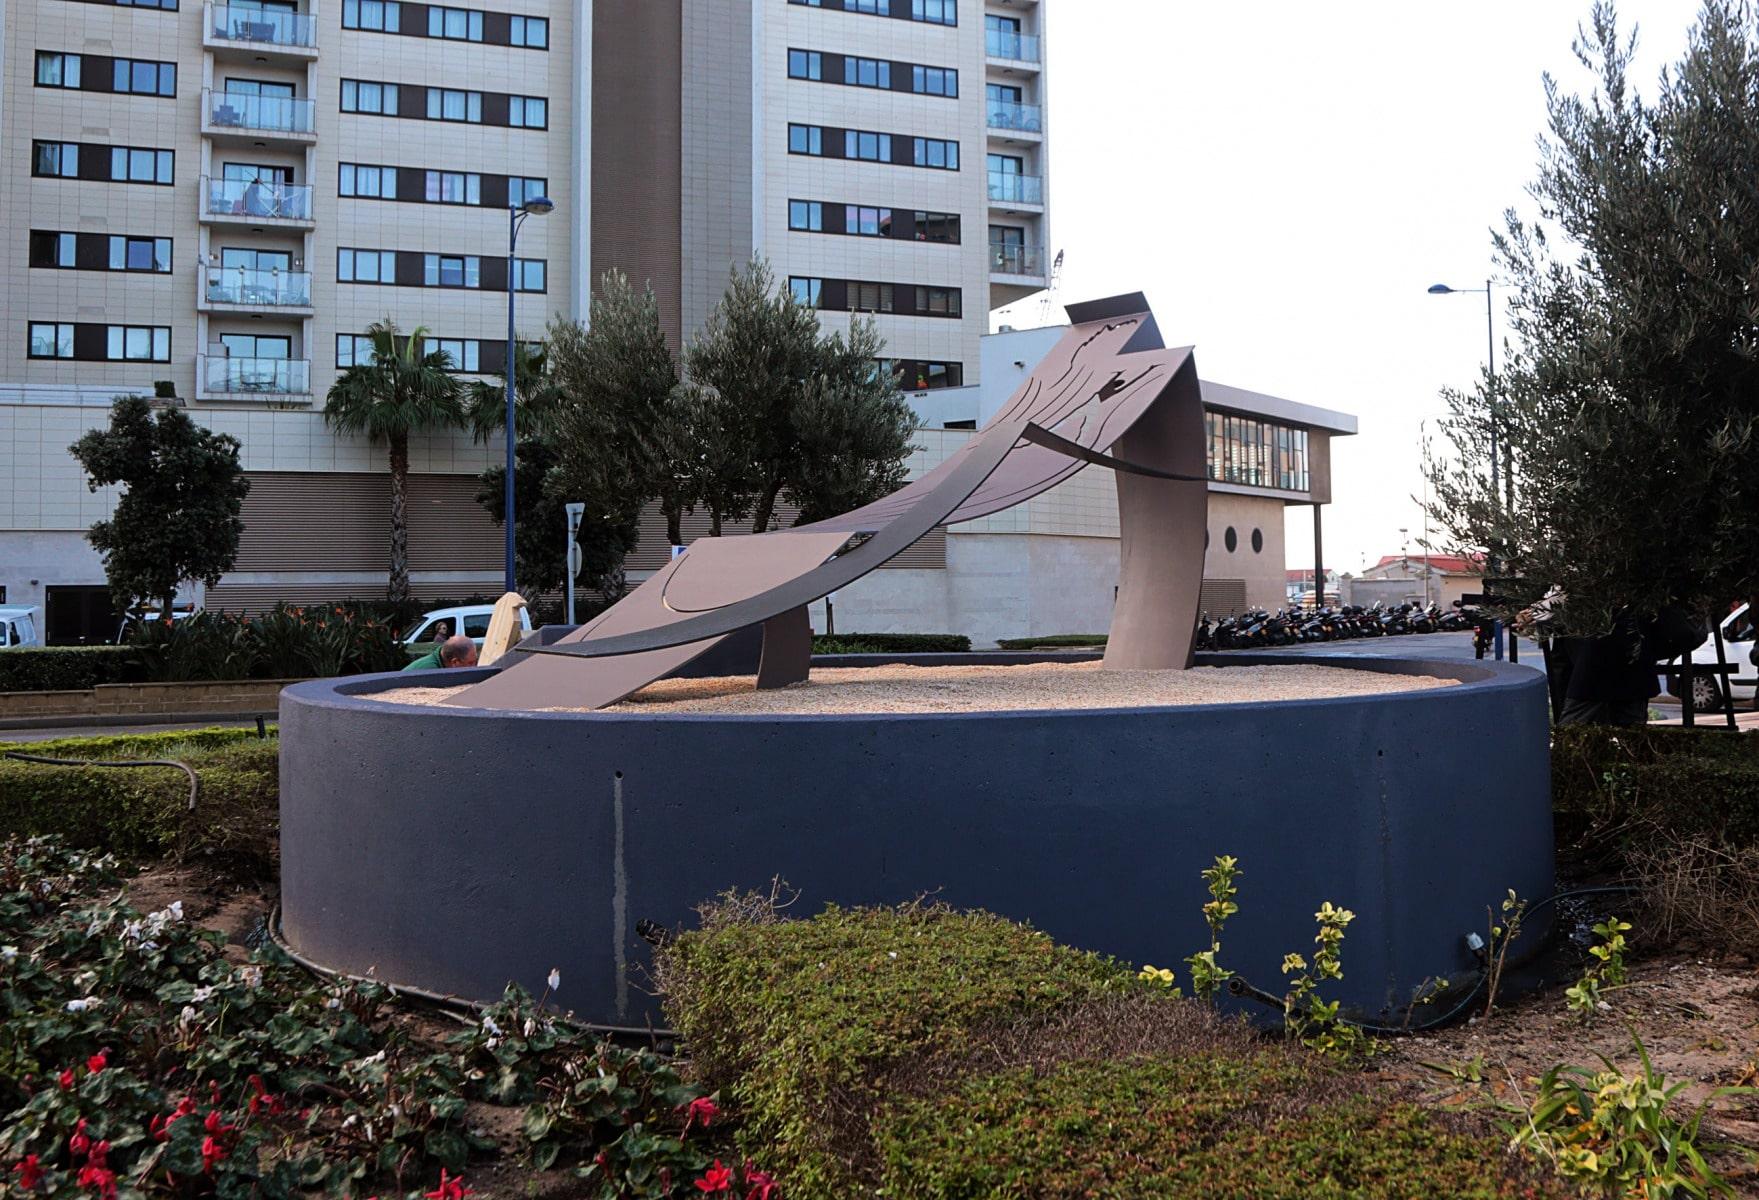 inauguracin-del-monumento-a-la-mujer-en-gibraltar_31427335866_o